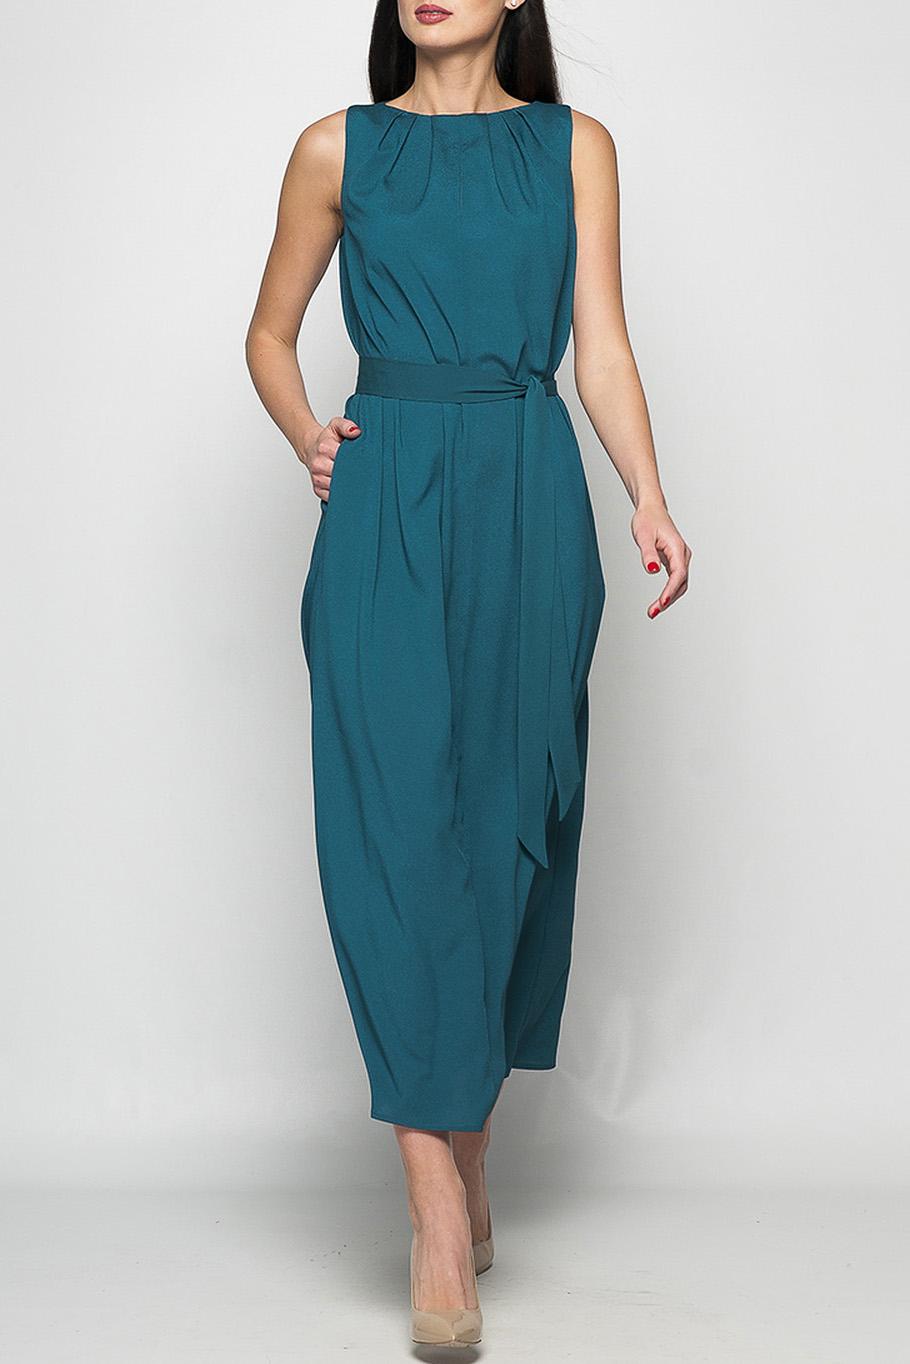 ПлатьеПлатья<br>Элегантное платье, которое подойдет, как для свидания, так и для деловой встречи, украсит Ваш гардероб. Просторные карманы не крадут изящности, но предоставляют Вам возможность взять с собой необходимые мелочи. Легкие складочки и небольшой вырез на груди добавят дополнительный акцент, который без сомнения привлечет внимание.   Параметры изделия:  44 размер: обхват груди - 98 см, обхват бедер - 118 см, длина изделия - 130 см;  52 размер: обхват груди - 112 см, обхват бедер - 124 см, длина изделия - 131 см.  Цвет: темно-изумрудный  Рост девушки-фотомодели 175 см<br><br>Горловина: С- горловина<br>По длине: Миди,Ниже колена<br>По материалу: Шифон<br>По рисунку: Однотонные<br>По силуэту: Прямые<br>По стилю: Повседневный стиль,Летний стиль<br>По элементам: С карманами,Со складками<br>Рукав: Без рукавов<br>По сезону: Лето<br>По форме: Платье - трапеция<br>Размер : 42<br>Материал: Шифон<br>Количество в наличии: 1